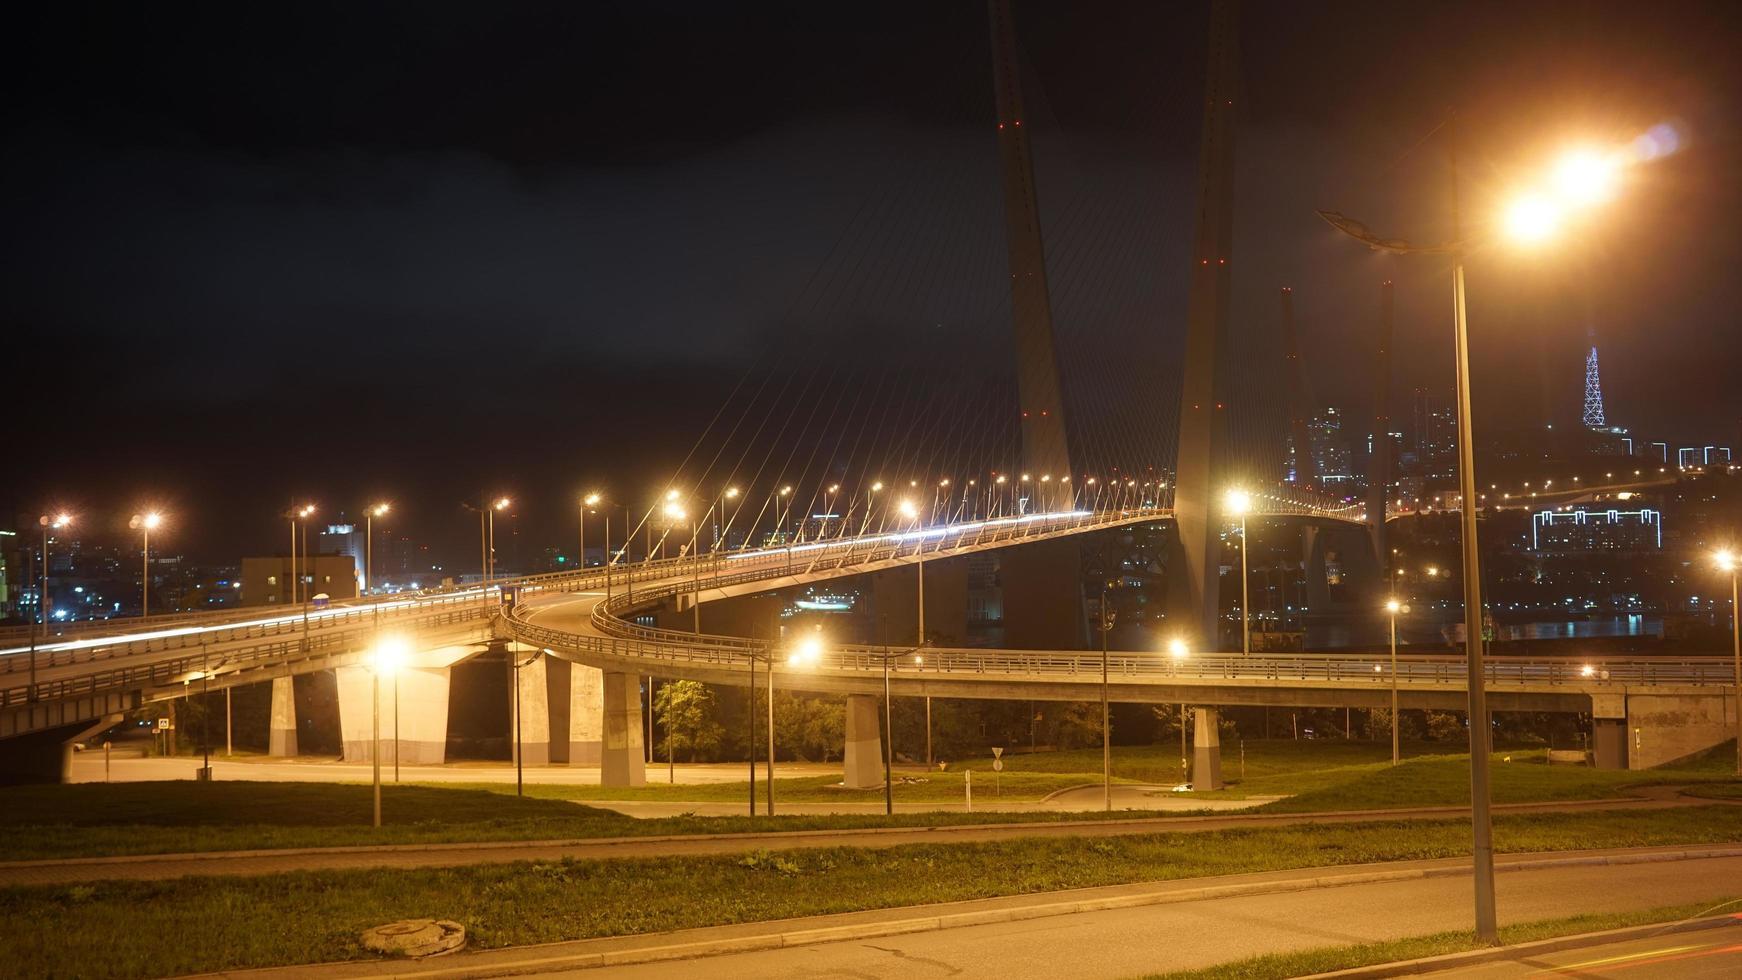 paisaje nocturno con vistas al puente dorado. foto